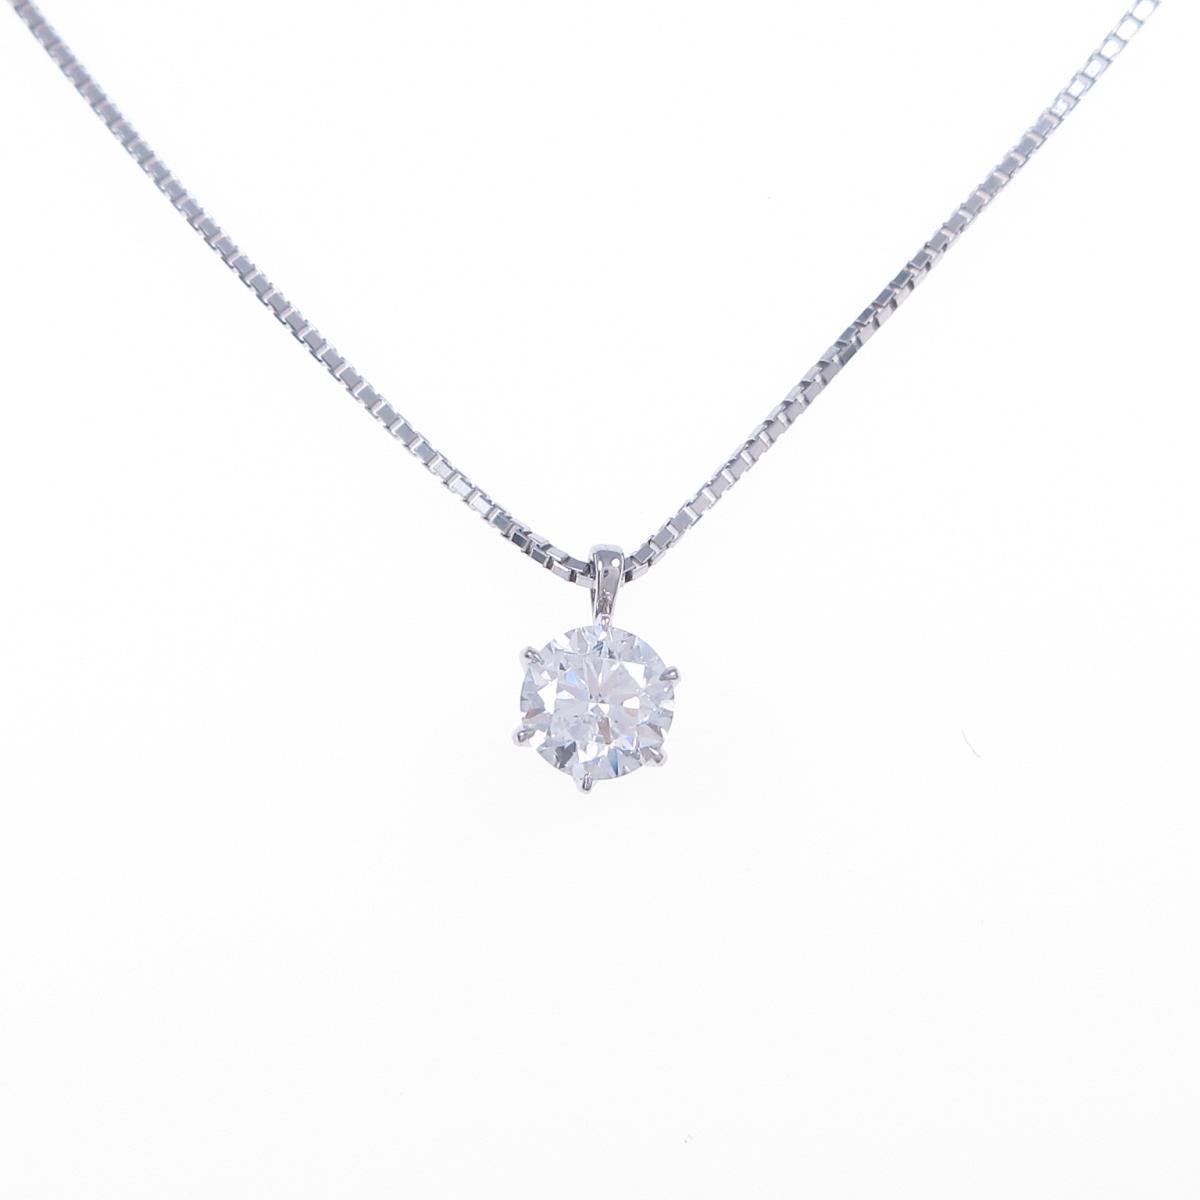 【新品】プラチナダイヤモンドネックレス 0.511ct・G・SI2・VG【新品】